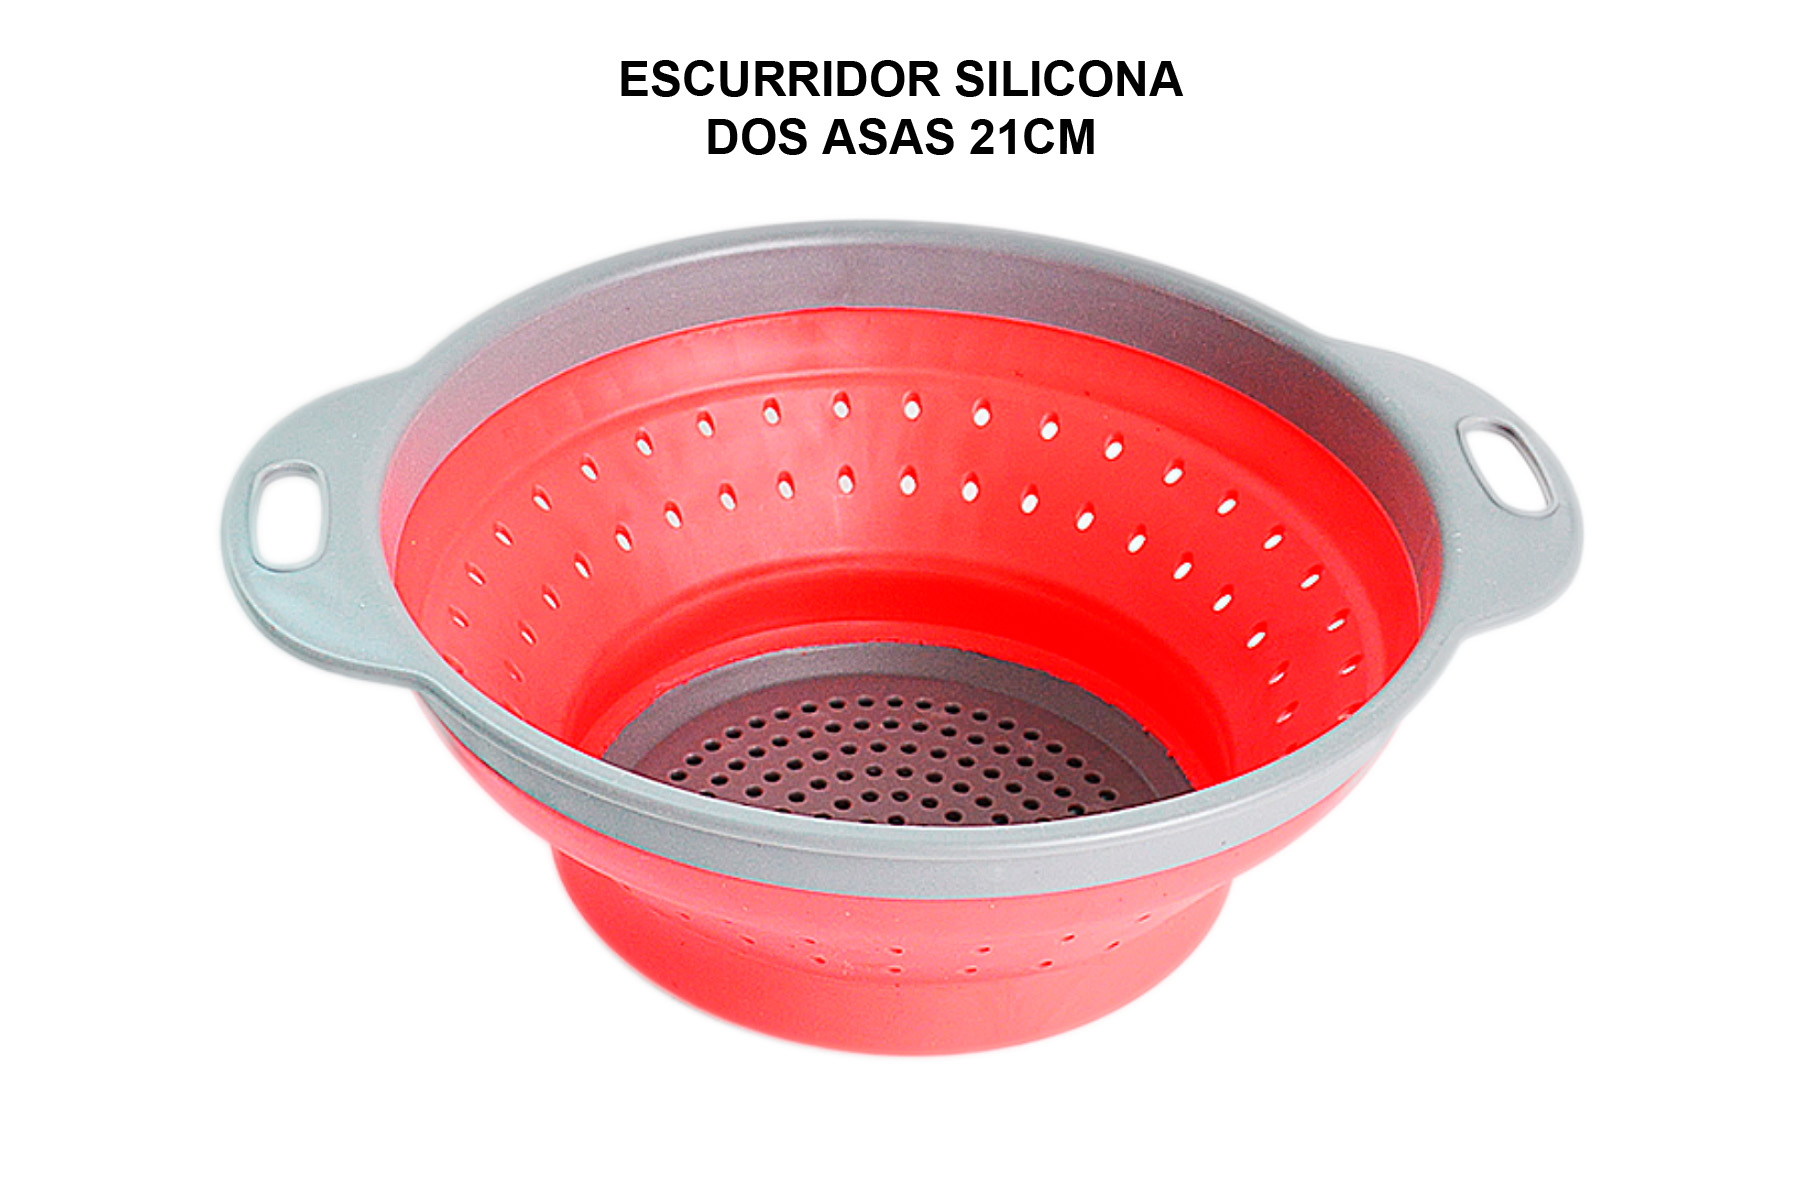 ESCURRIDOR PLEGABLE SILICONA DOS ASAS 21CM